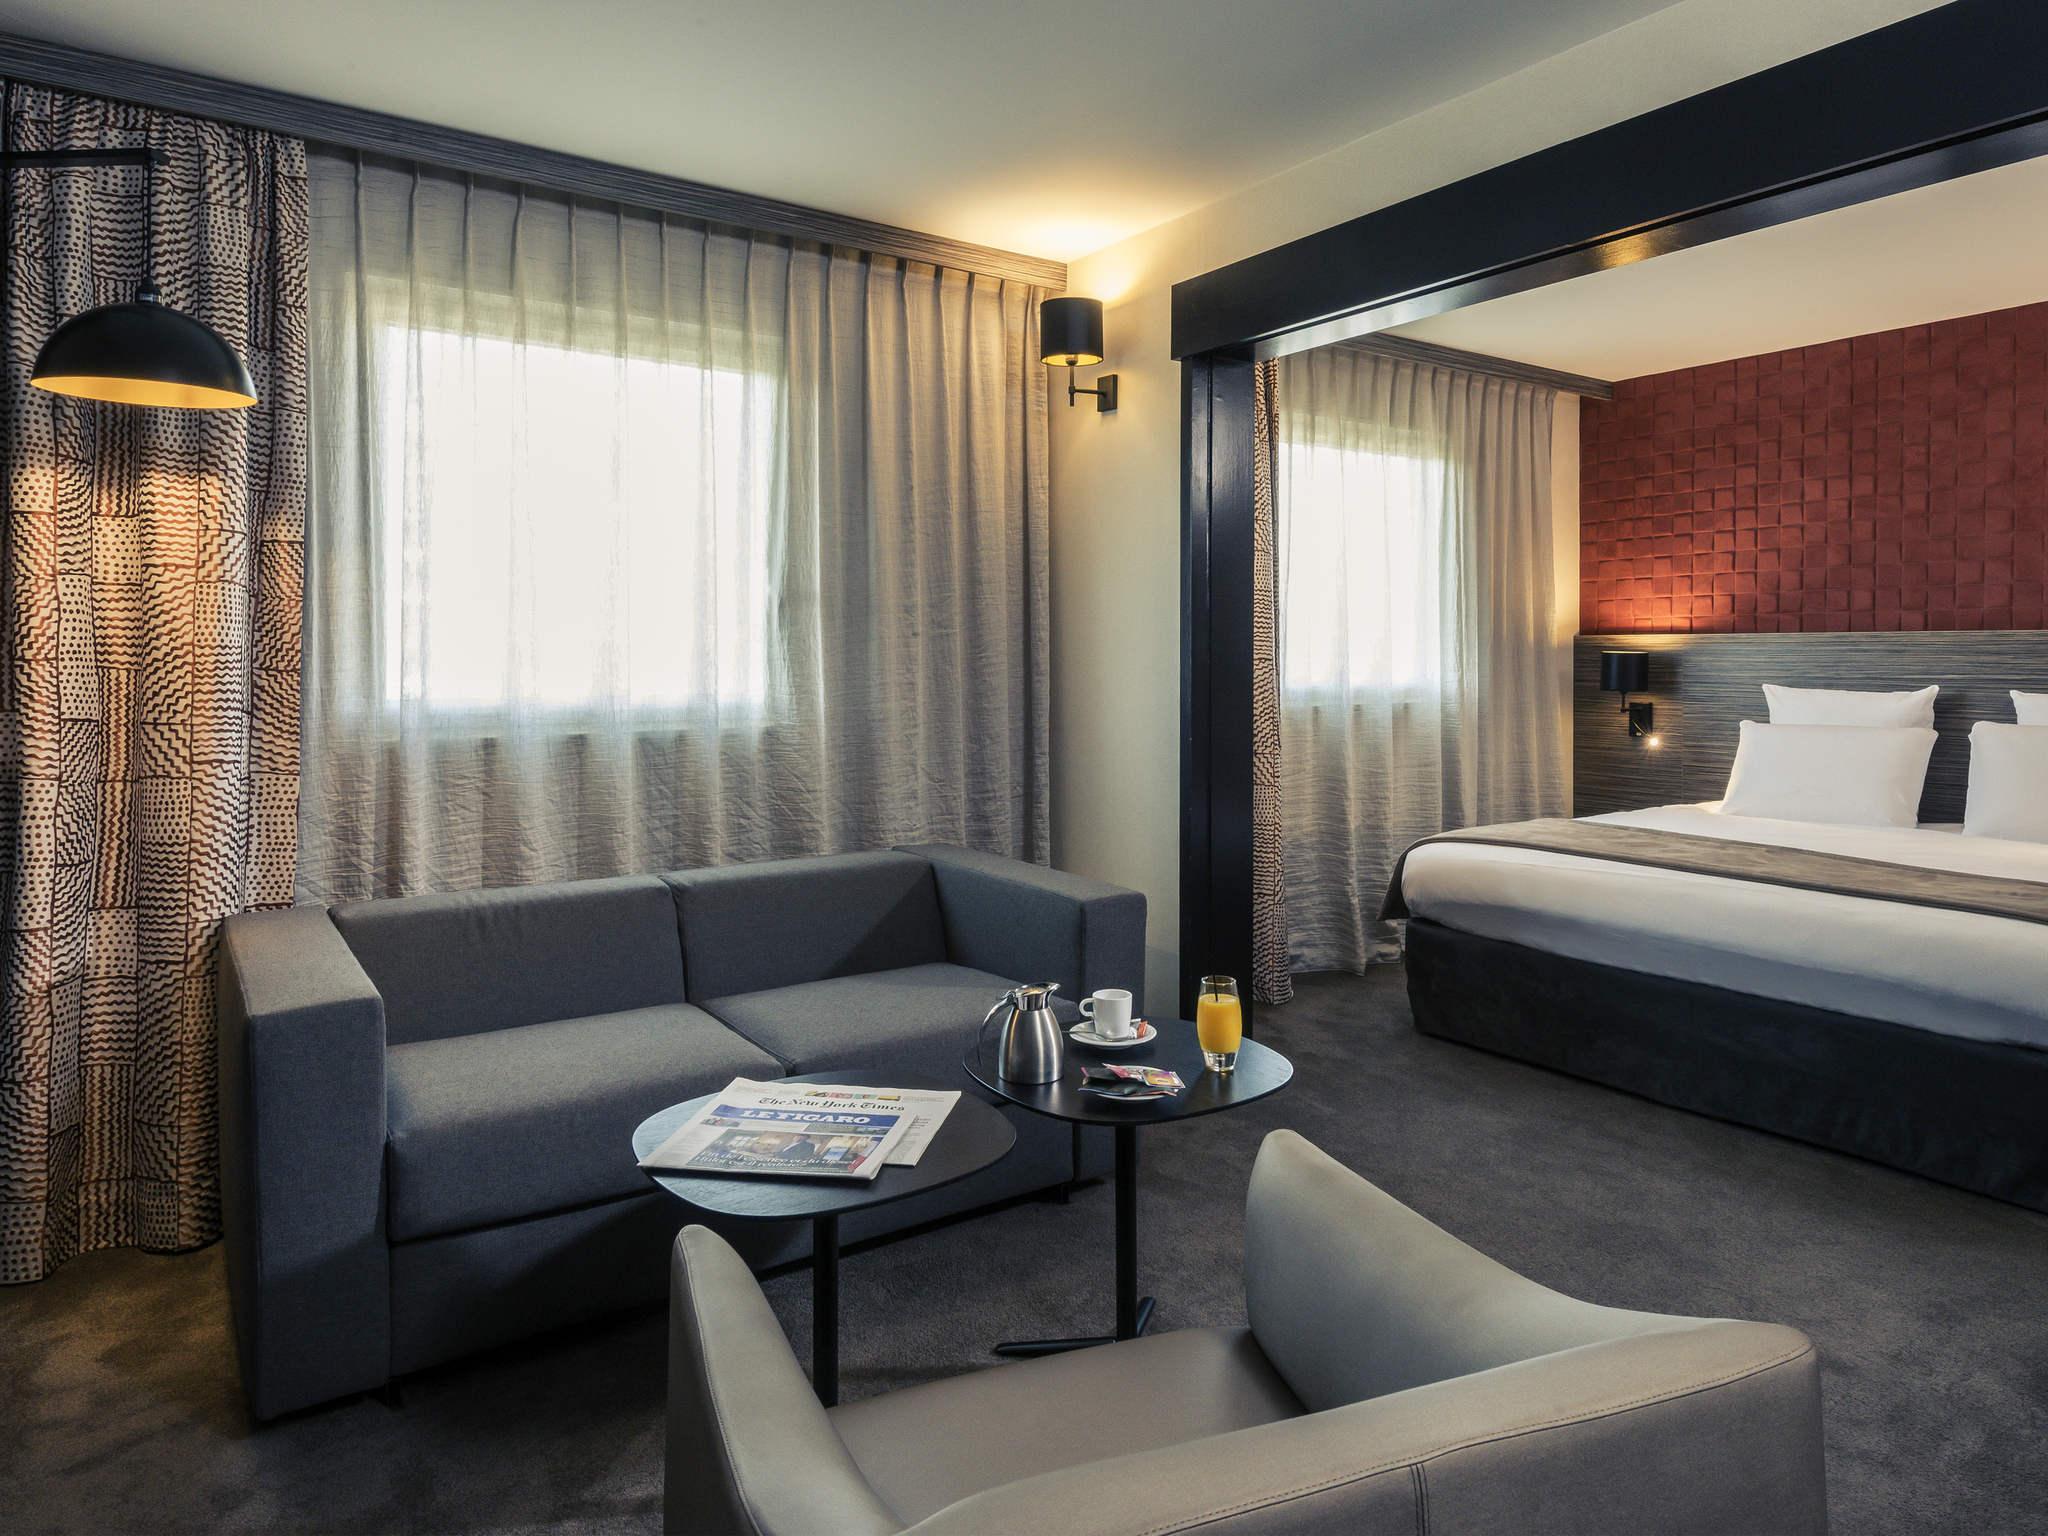 Mercure Hotel Paris City Centre